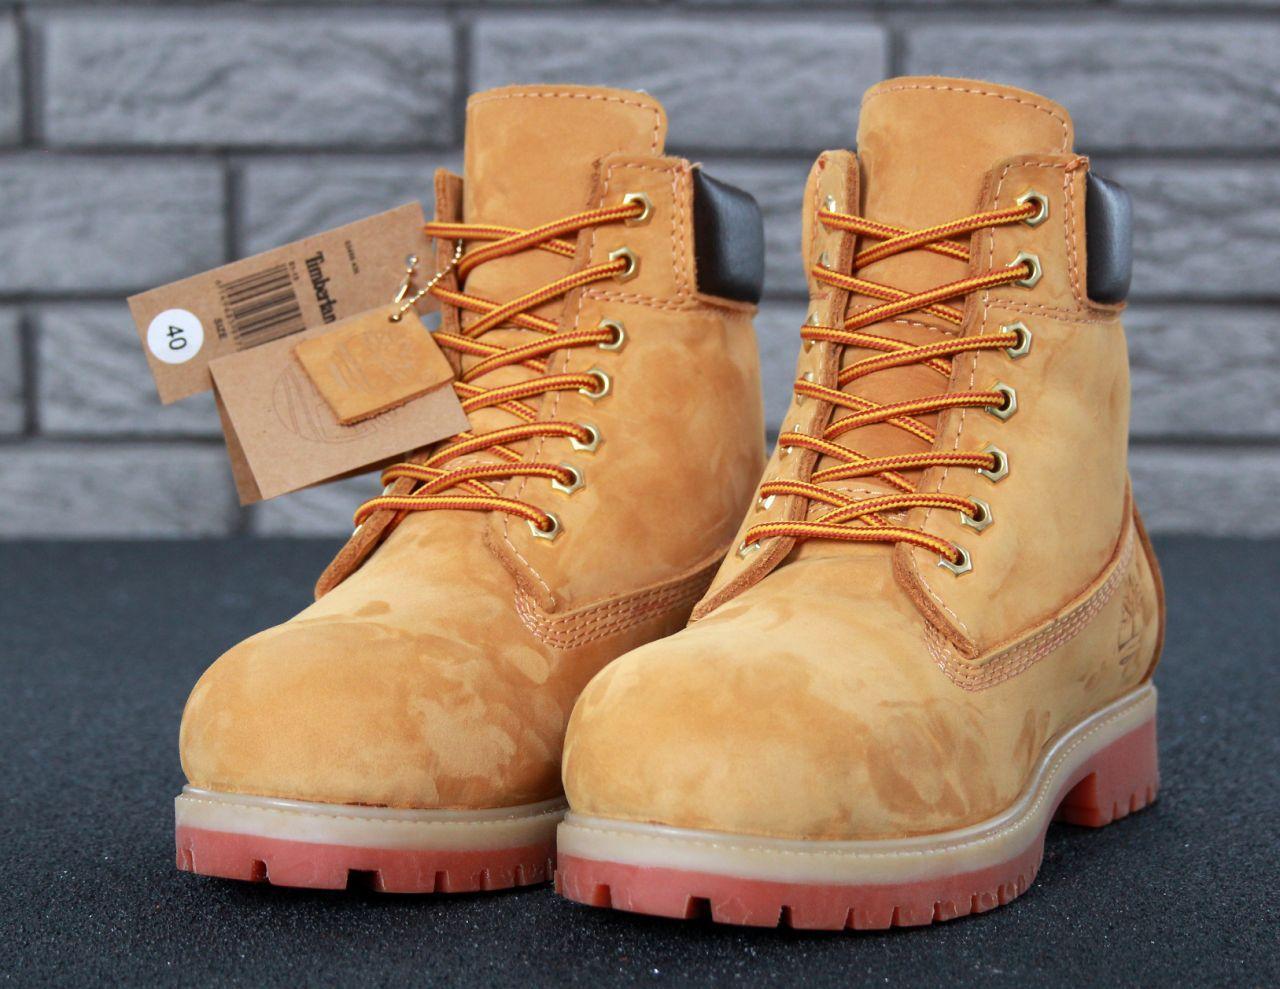 4e635ff6 Ботинки зимние натуральный нубук натуральный мех рыжие модные теплые от  Timberland Тимберленд - Магазин обуви Go